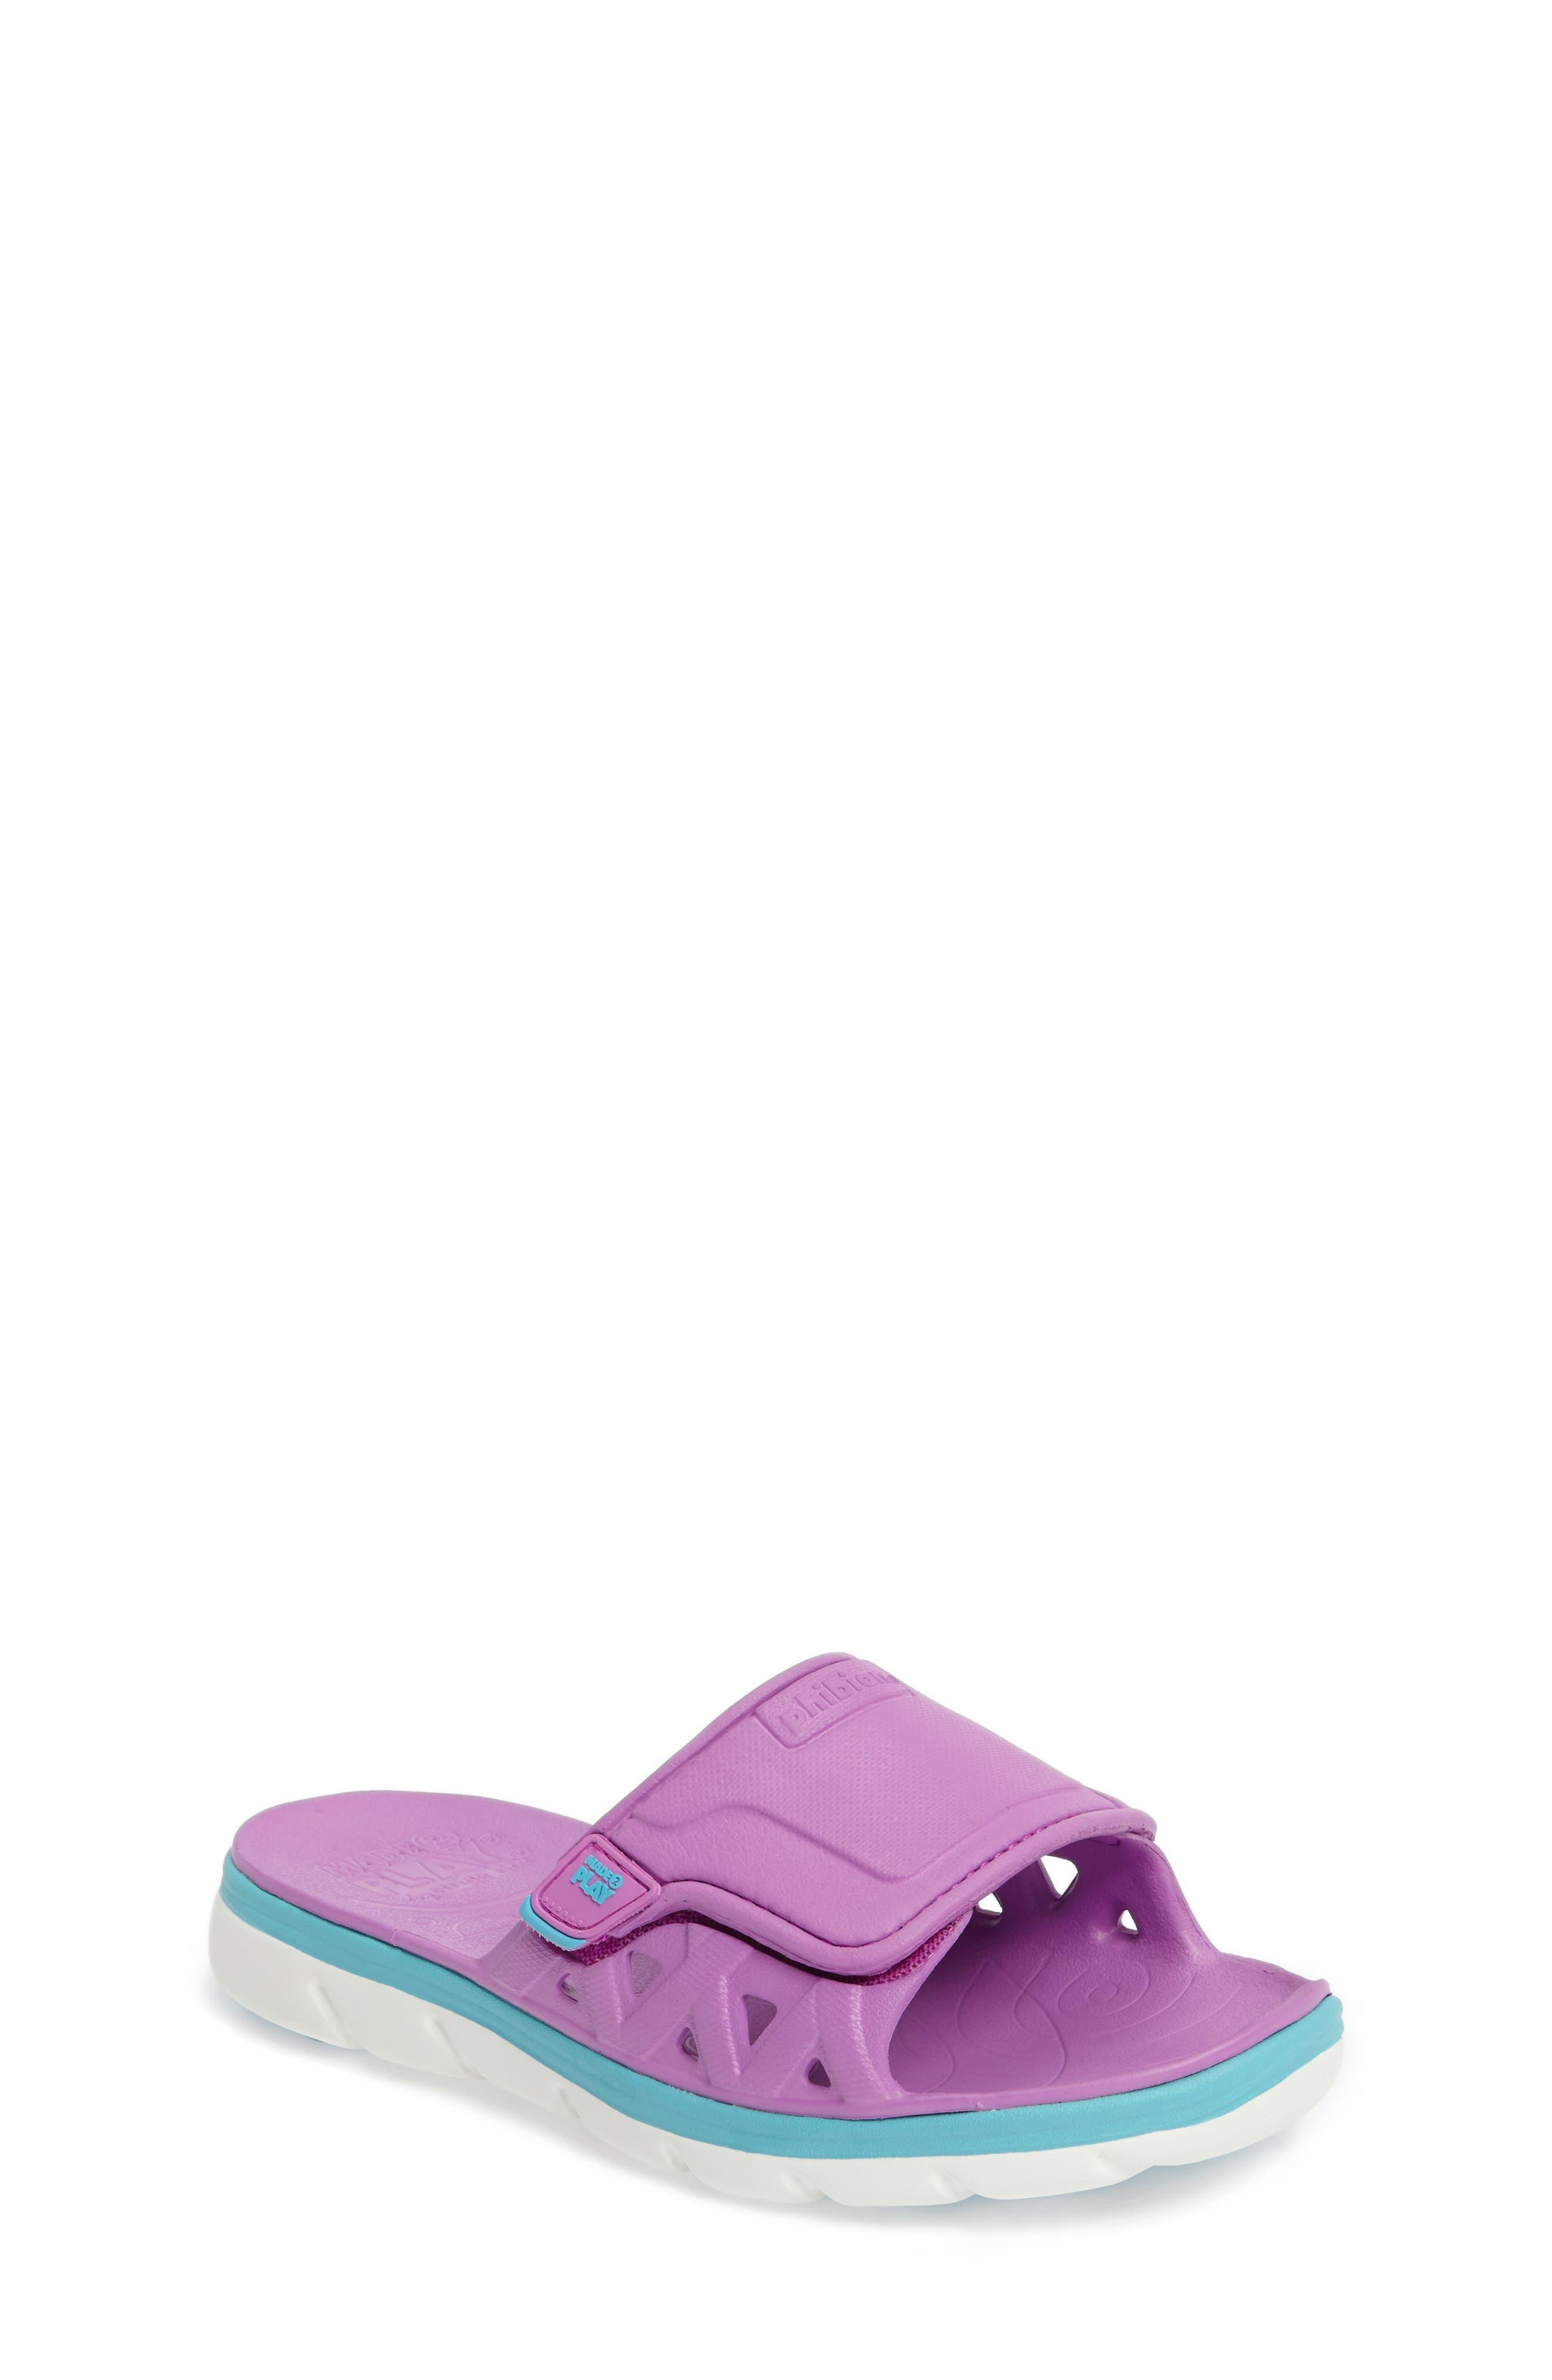 Stride Rite Made2Play® Phibian Slide Sandal (Toddler & Little Kid)